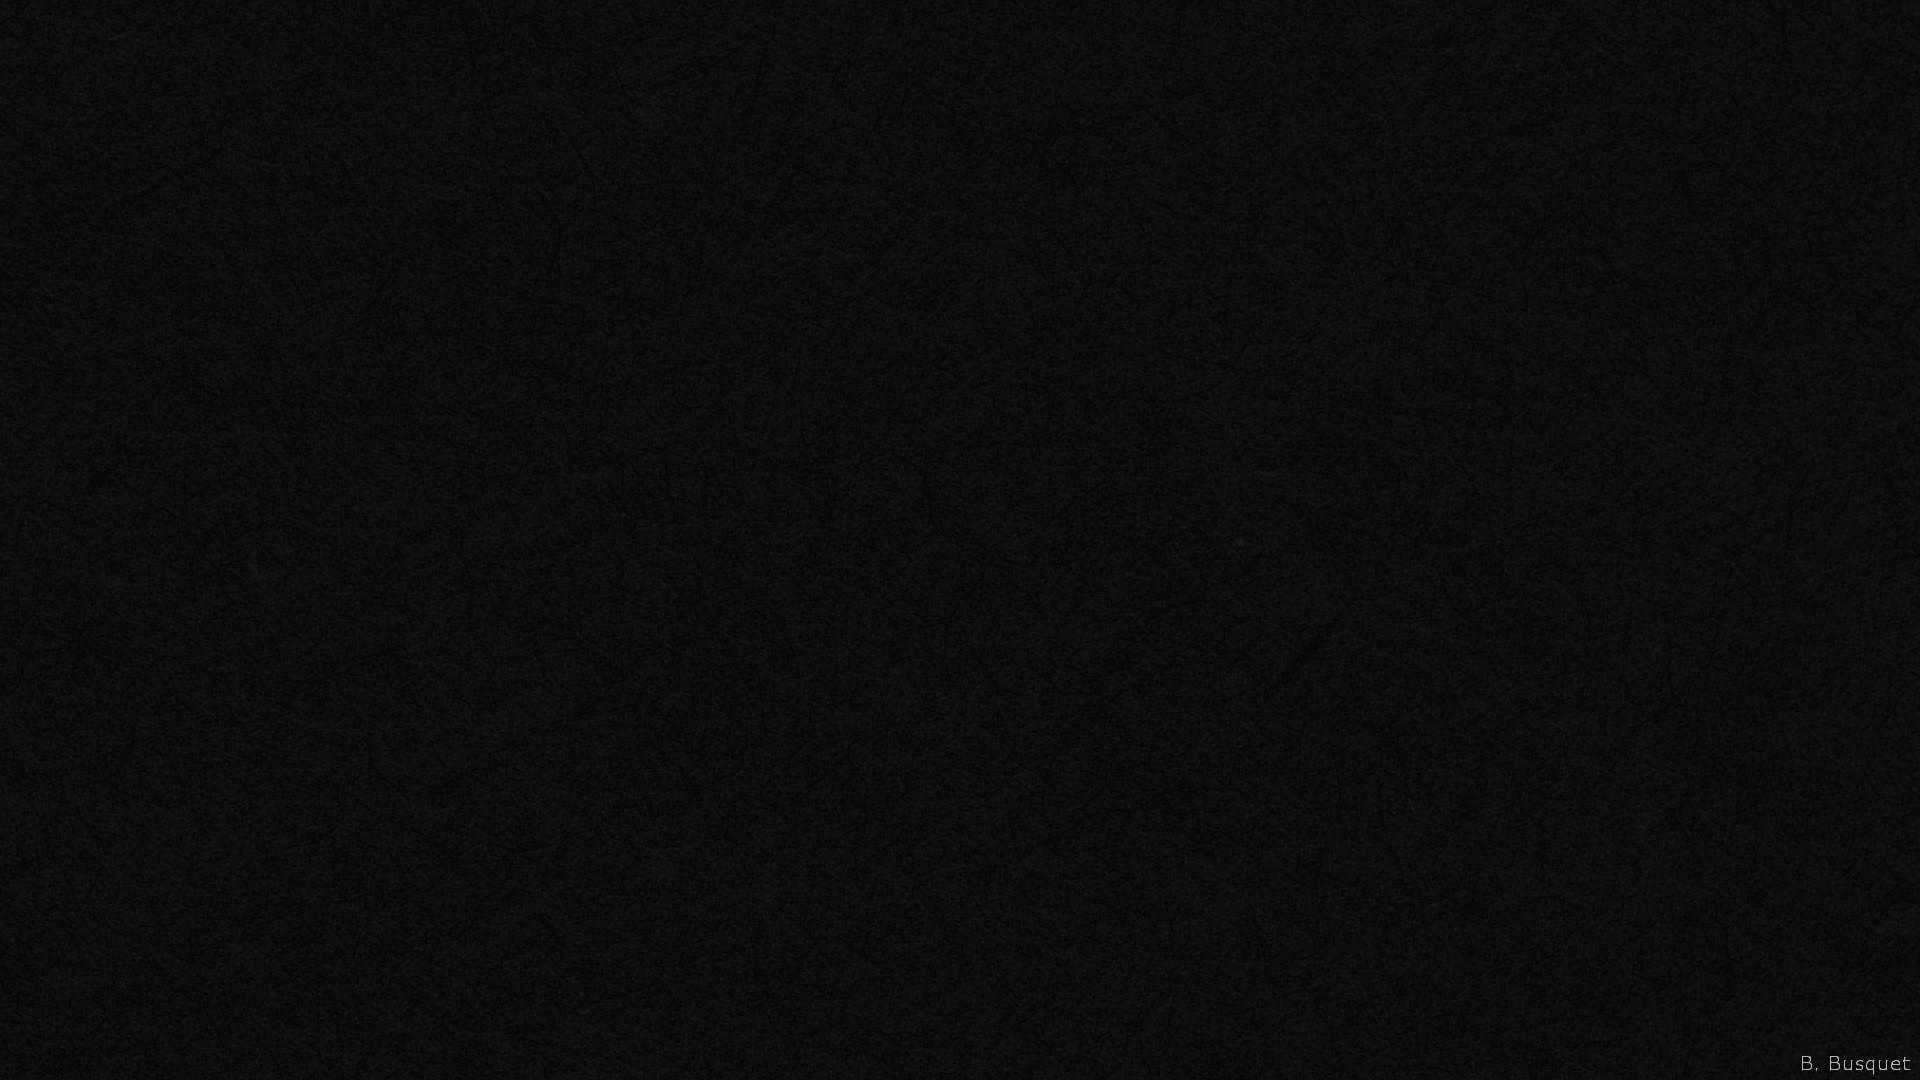 Dark Black Wallpapers HD Group × HD Wallpapers In Black